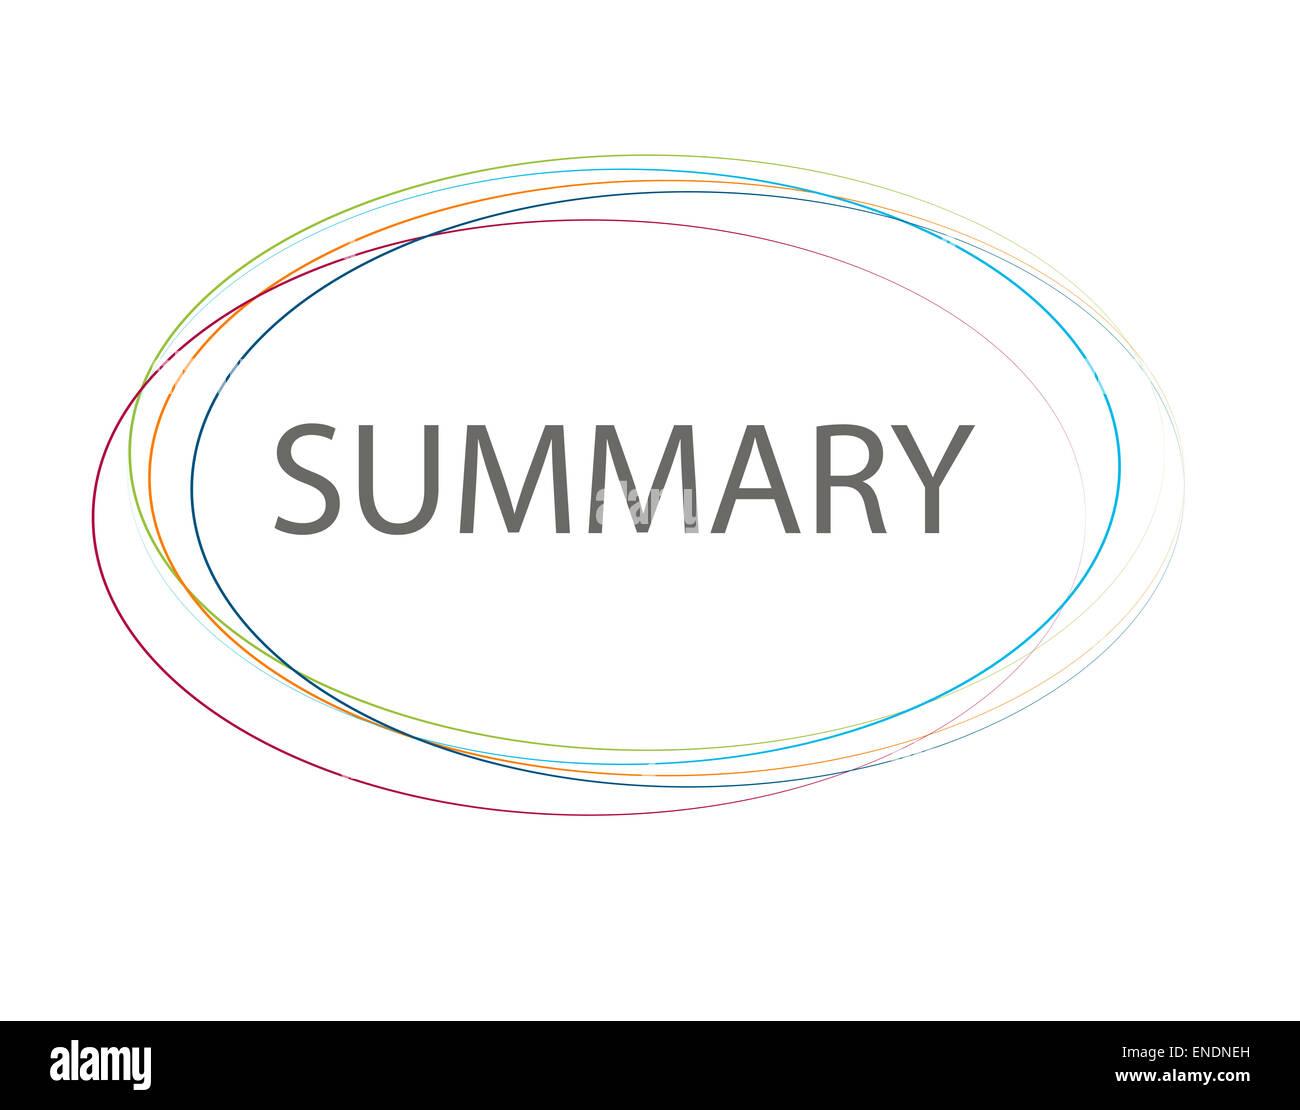 Signo Resumen ilustración vectorial. EPS10 Imagen De Stock